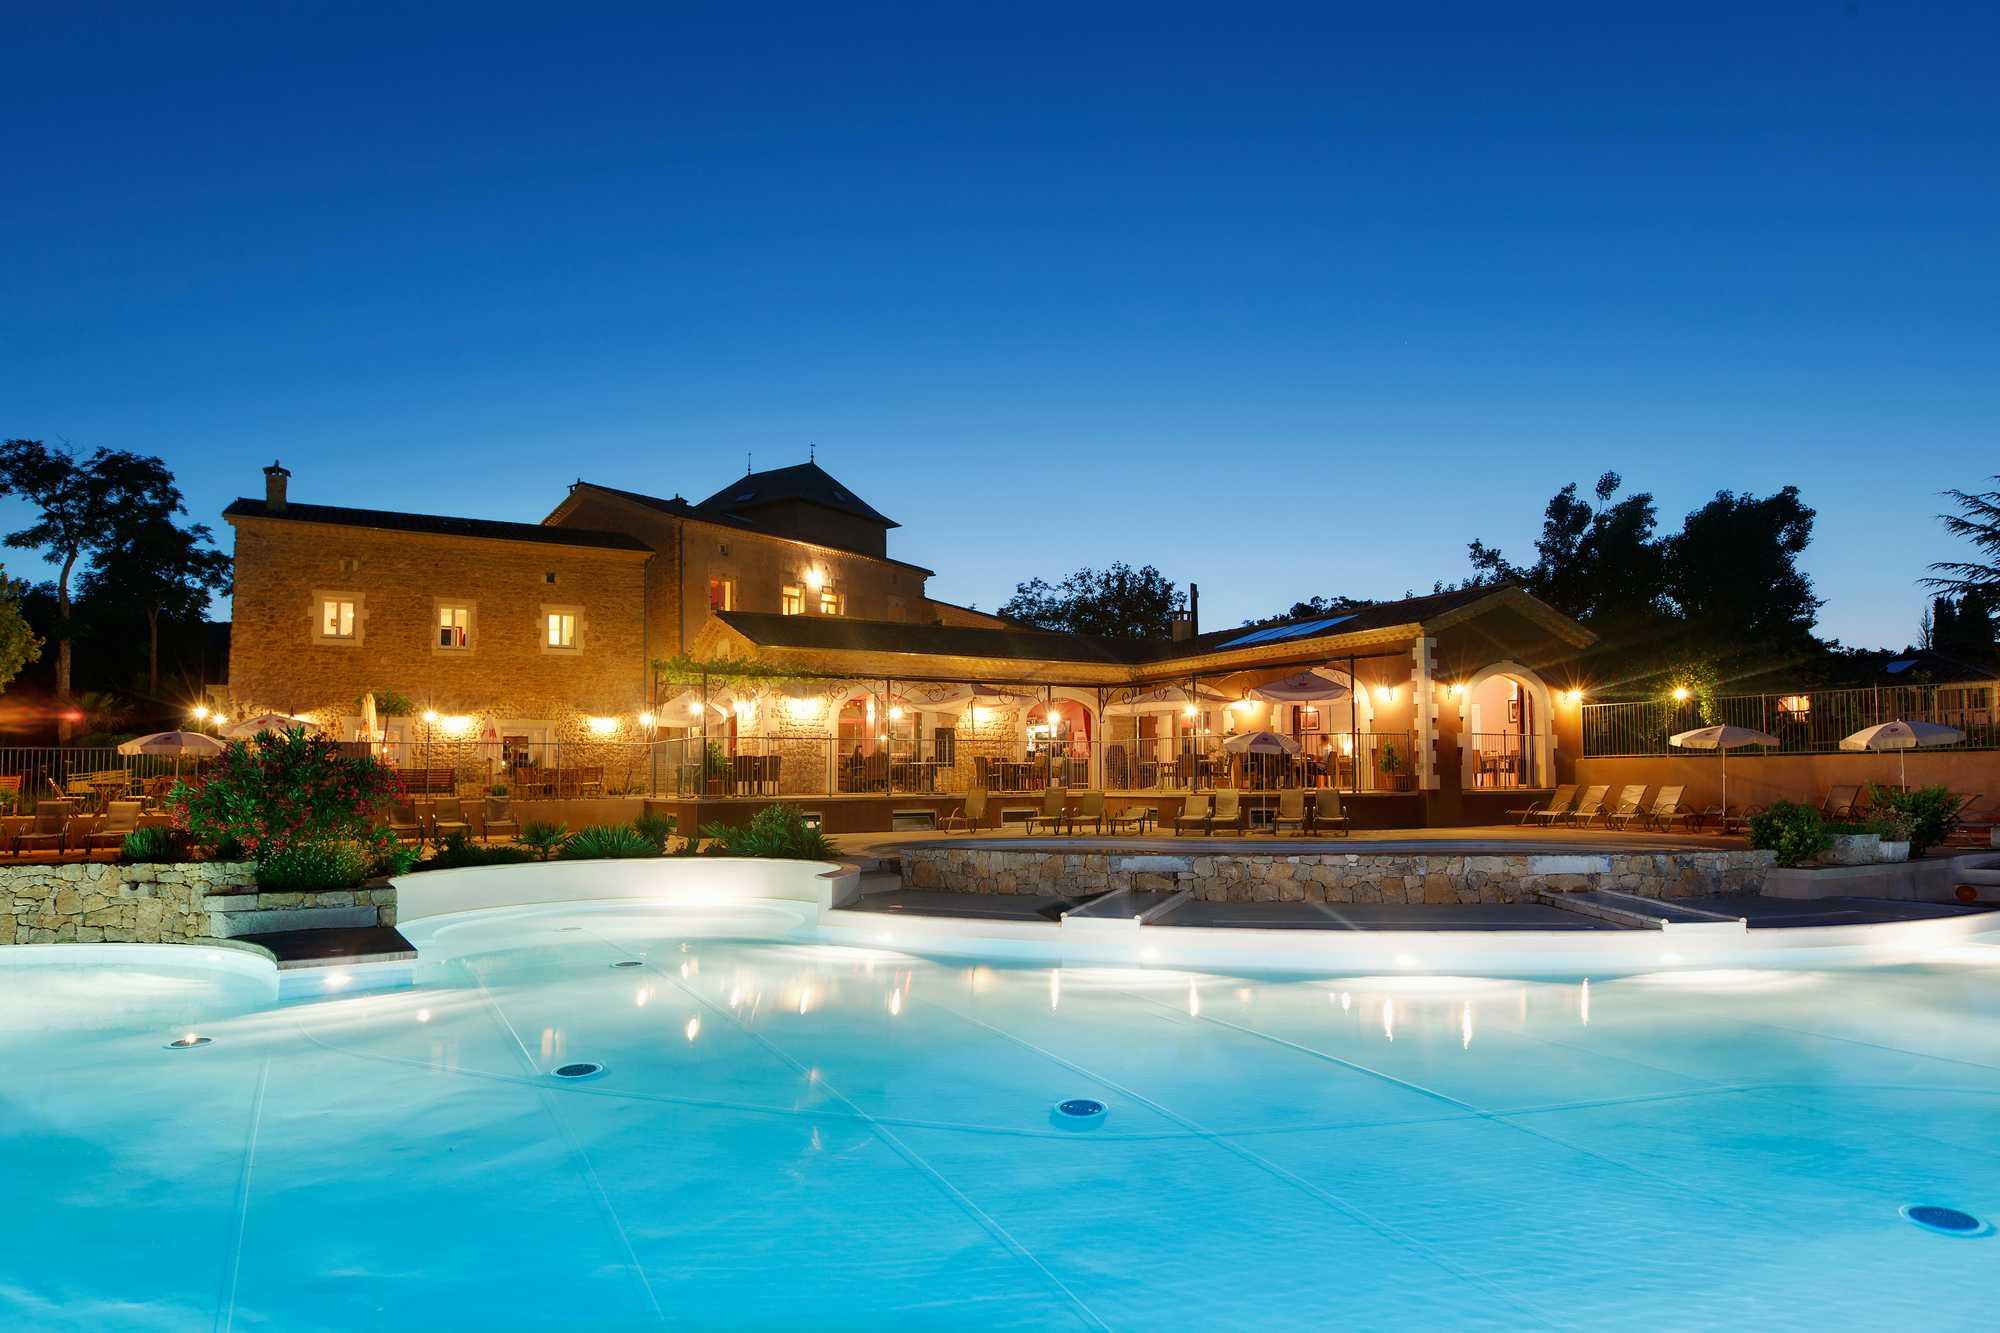 camping avec piscine chauffée le soir